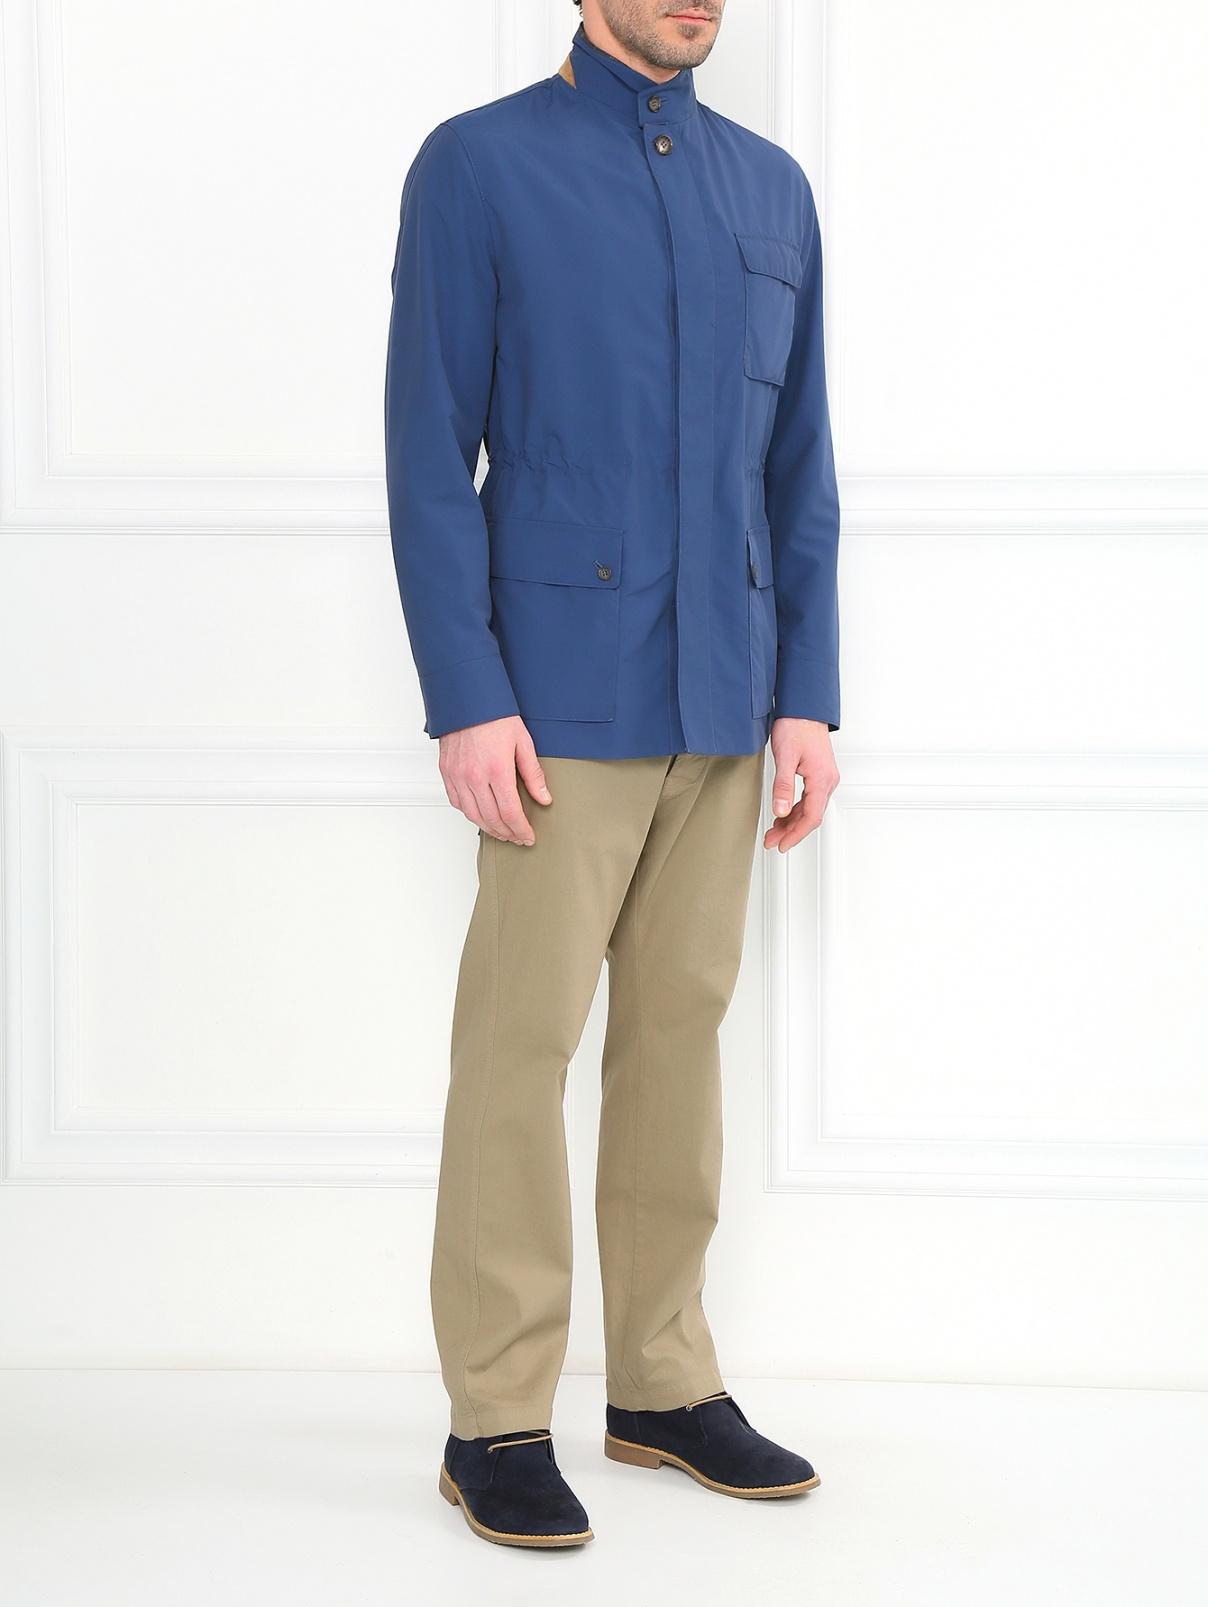 Куртка из смешанной шерсти с боковыми карманами Luciano Barbera  –  Модель Общий вид